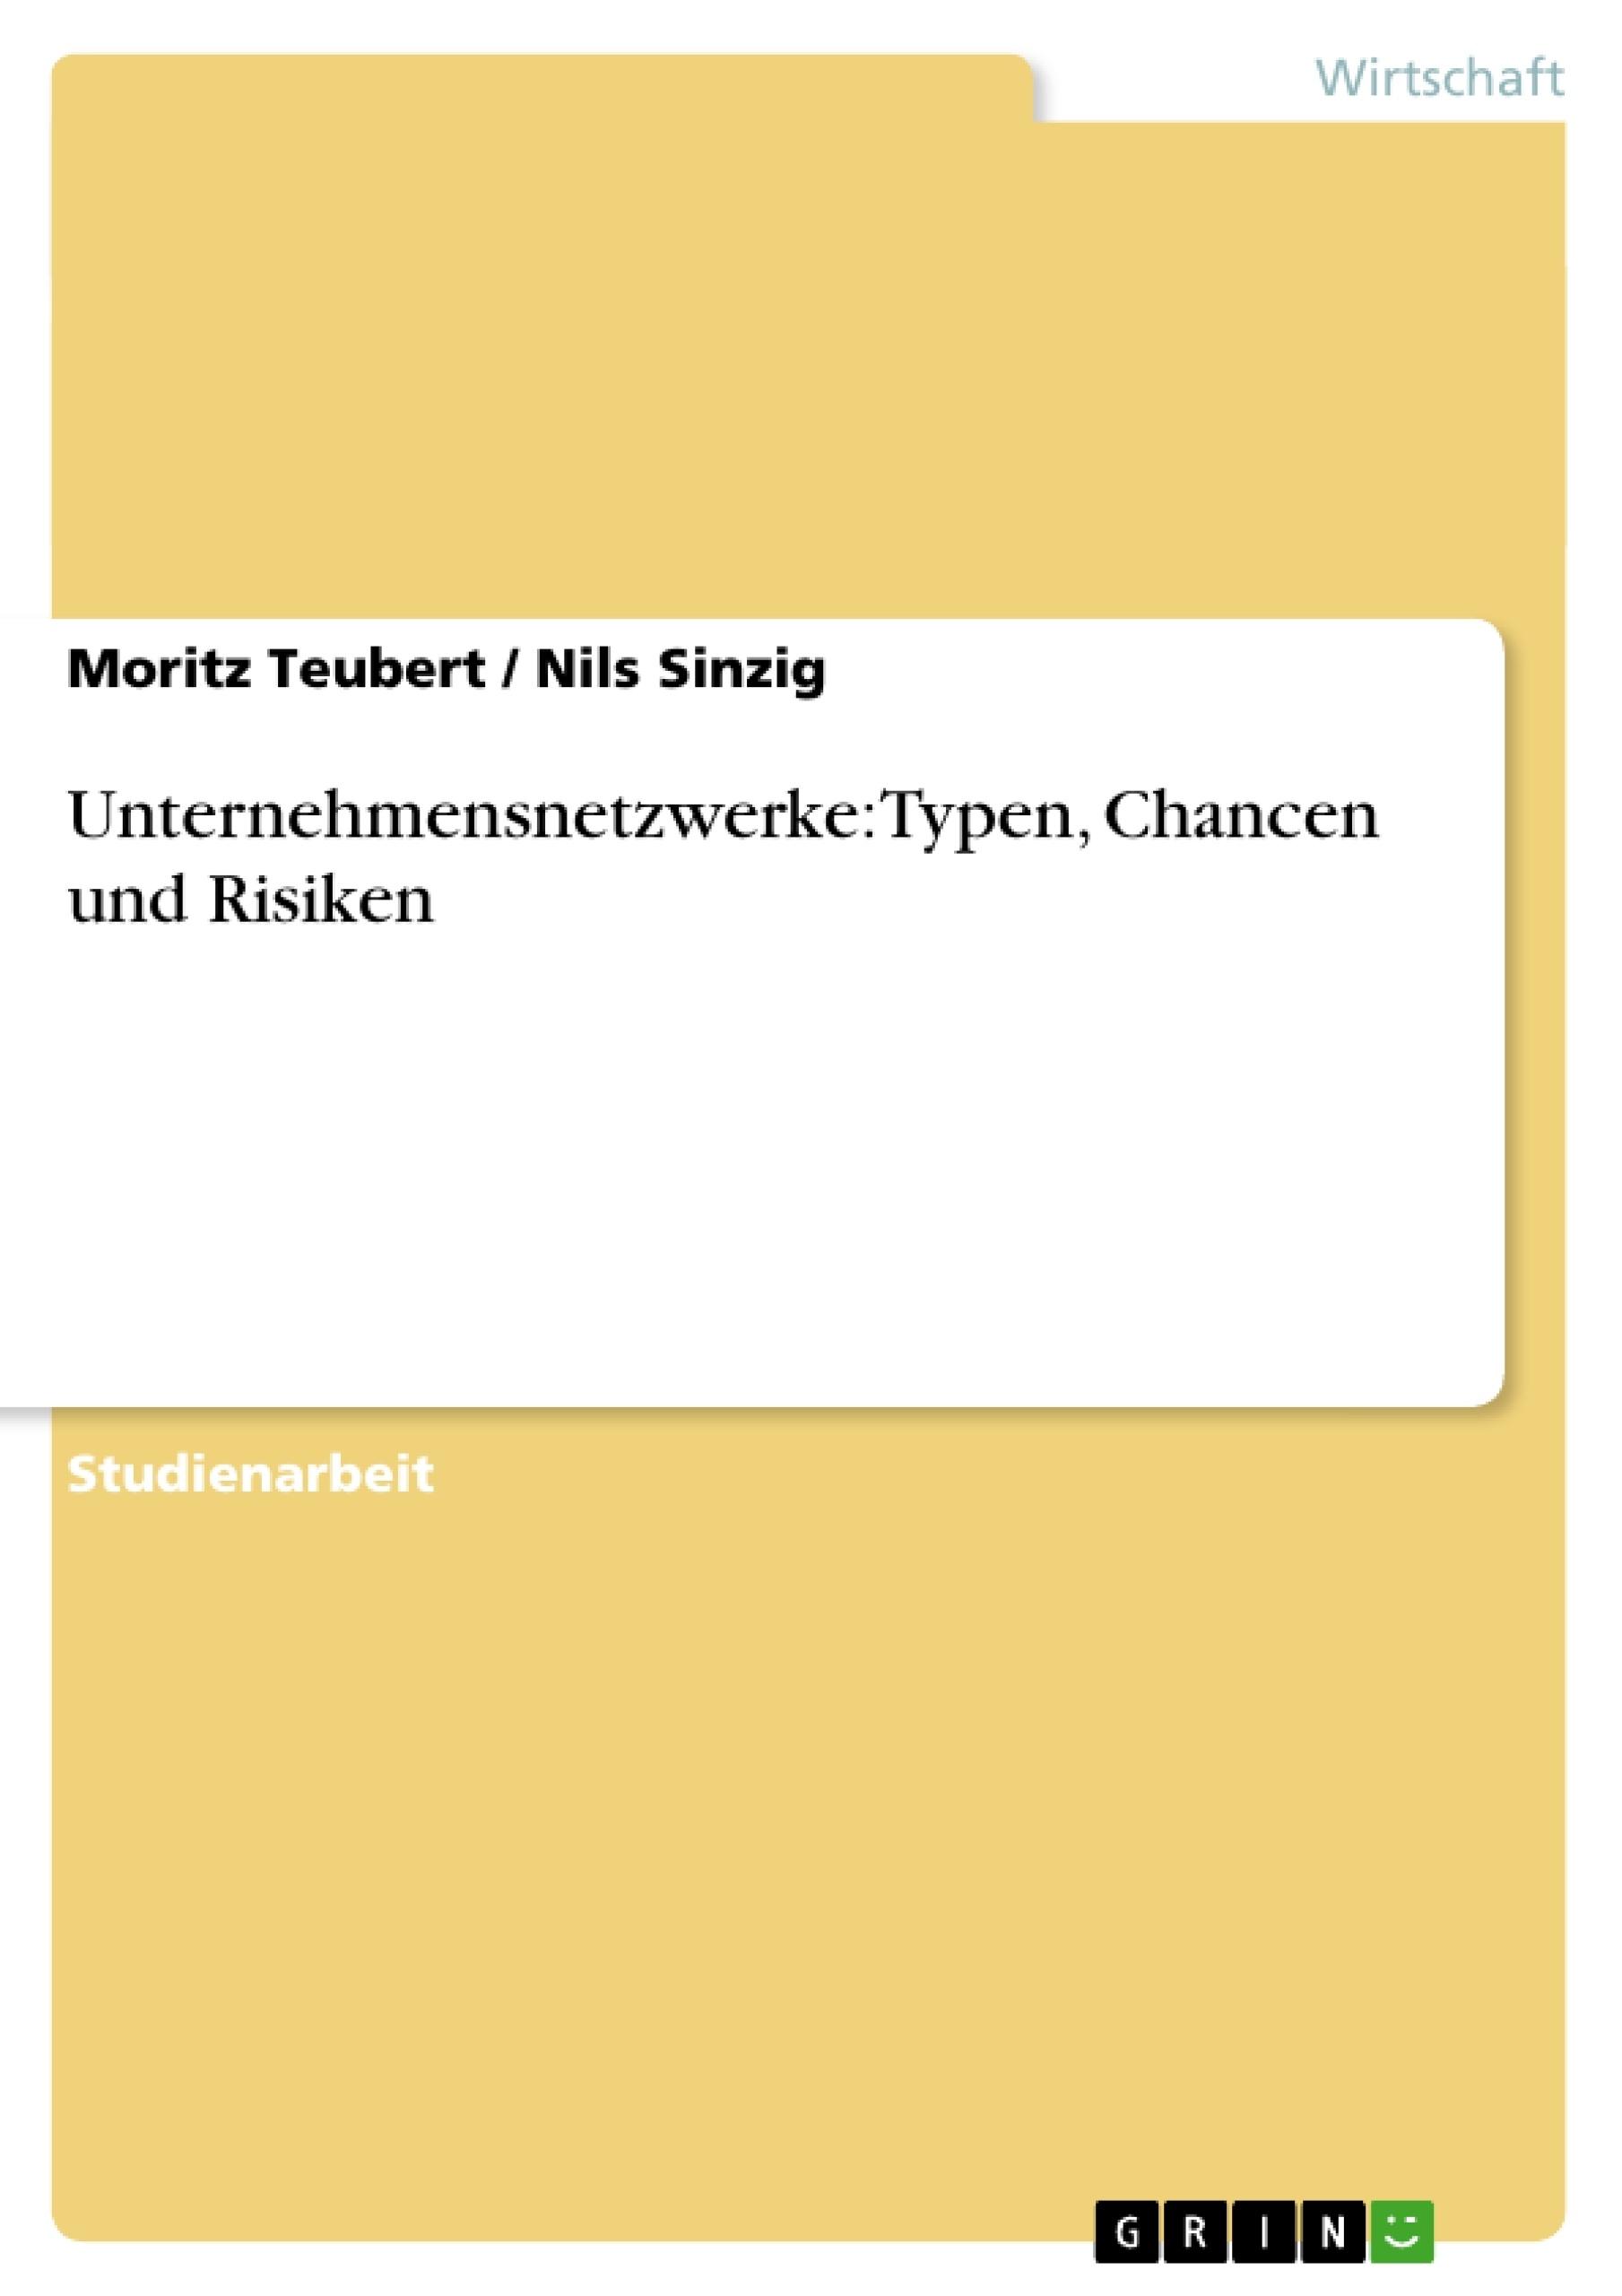 Titel: Unternehmensnetzwerke: Typen, Chancen und Risiken